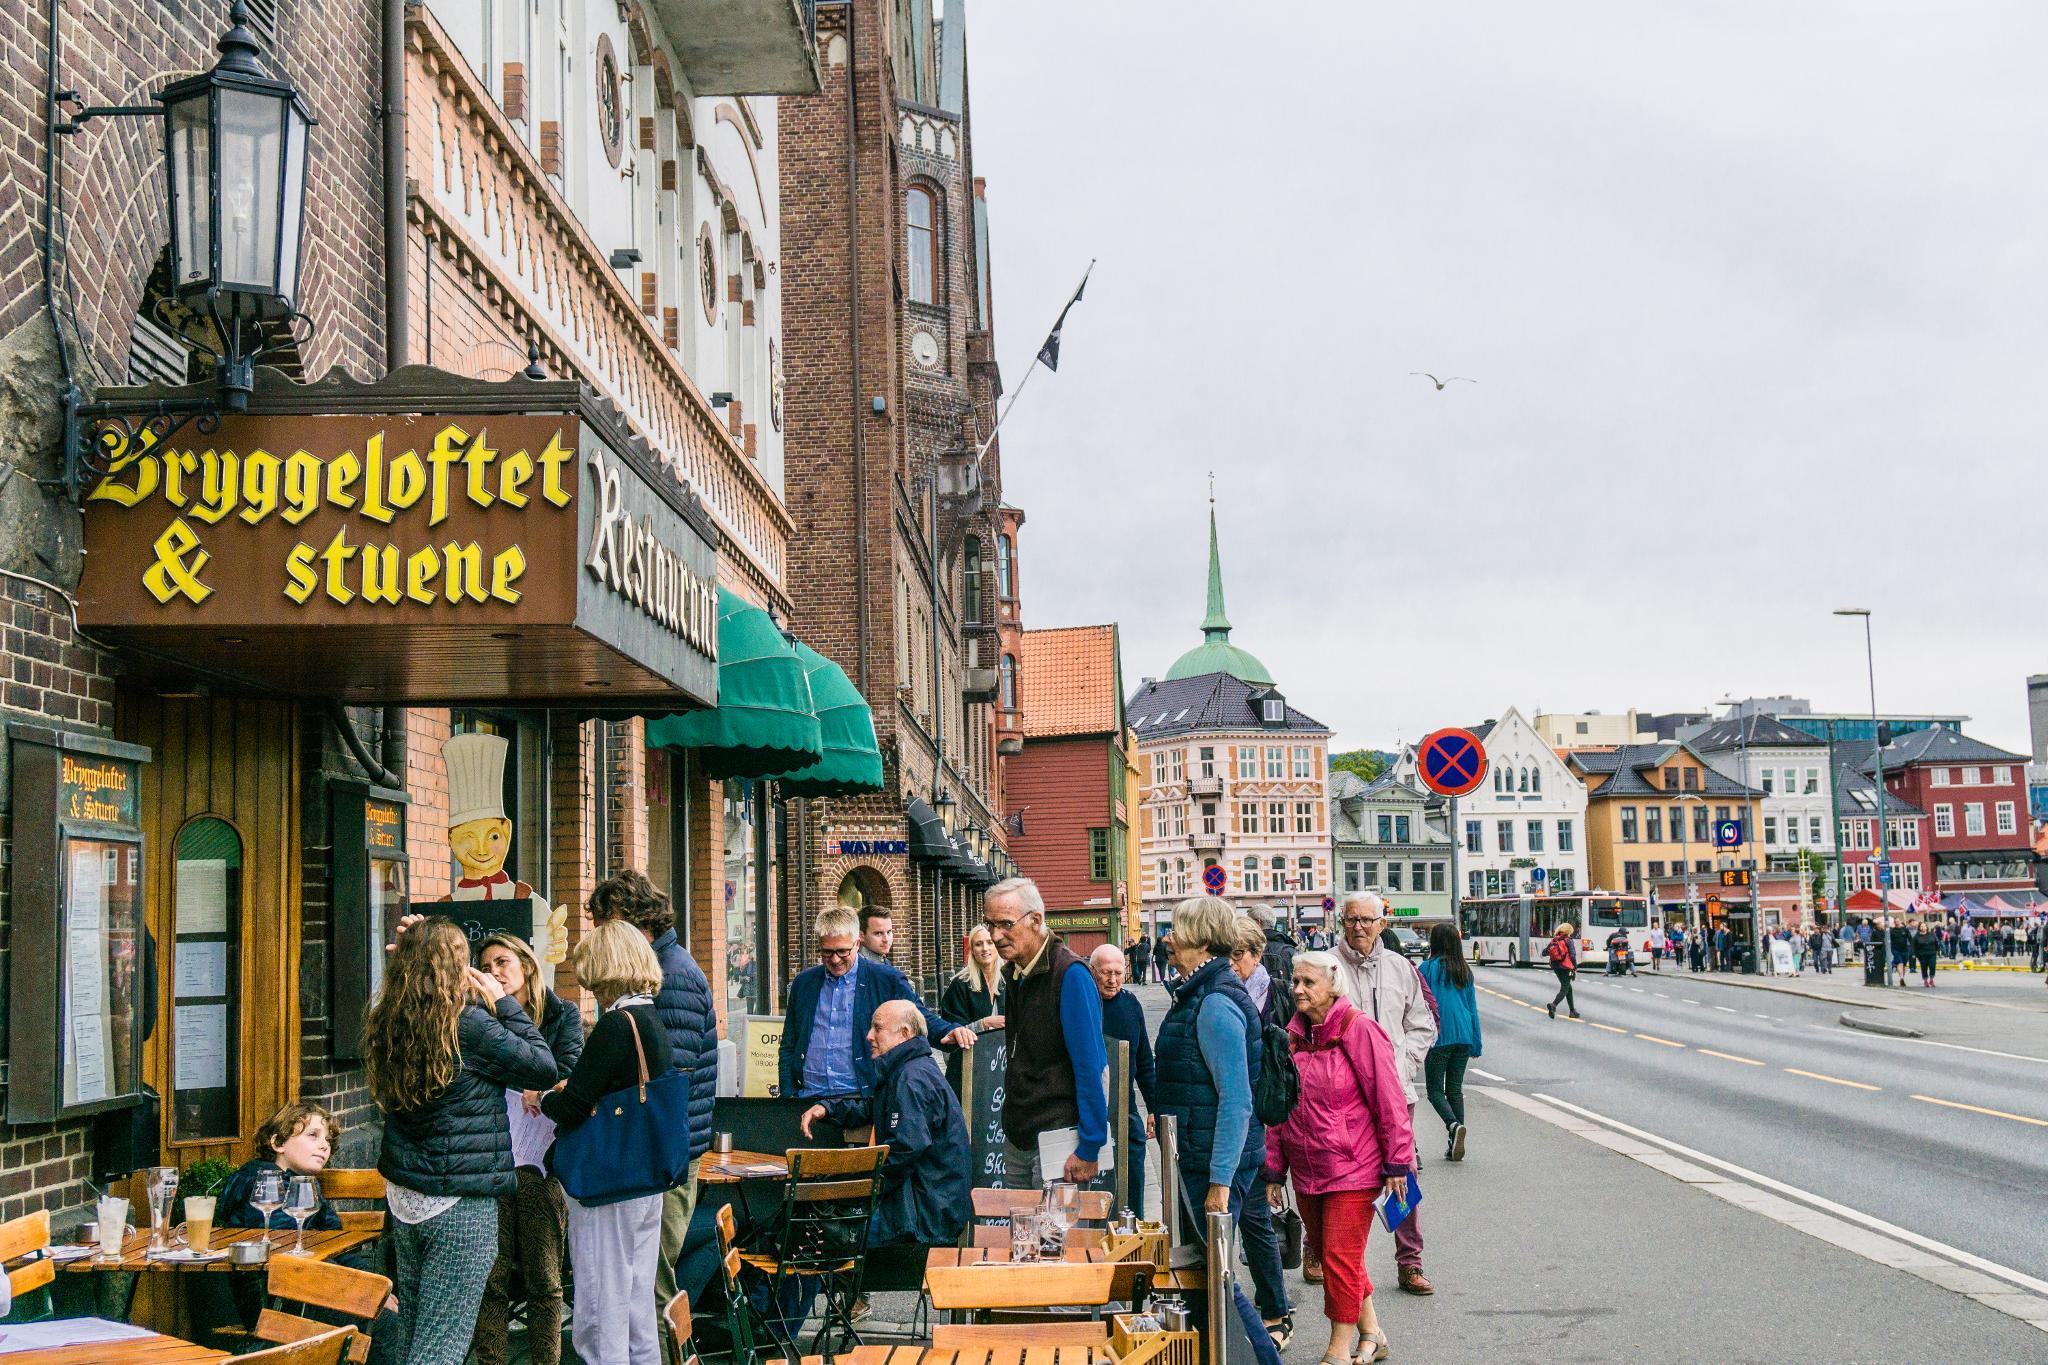 【卑爾根】Bryggen 世界遺產布呂根 — 迷失在百年歷史的挪威彩色木屋 13